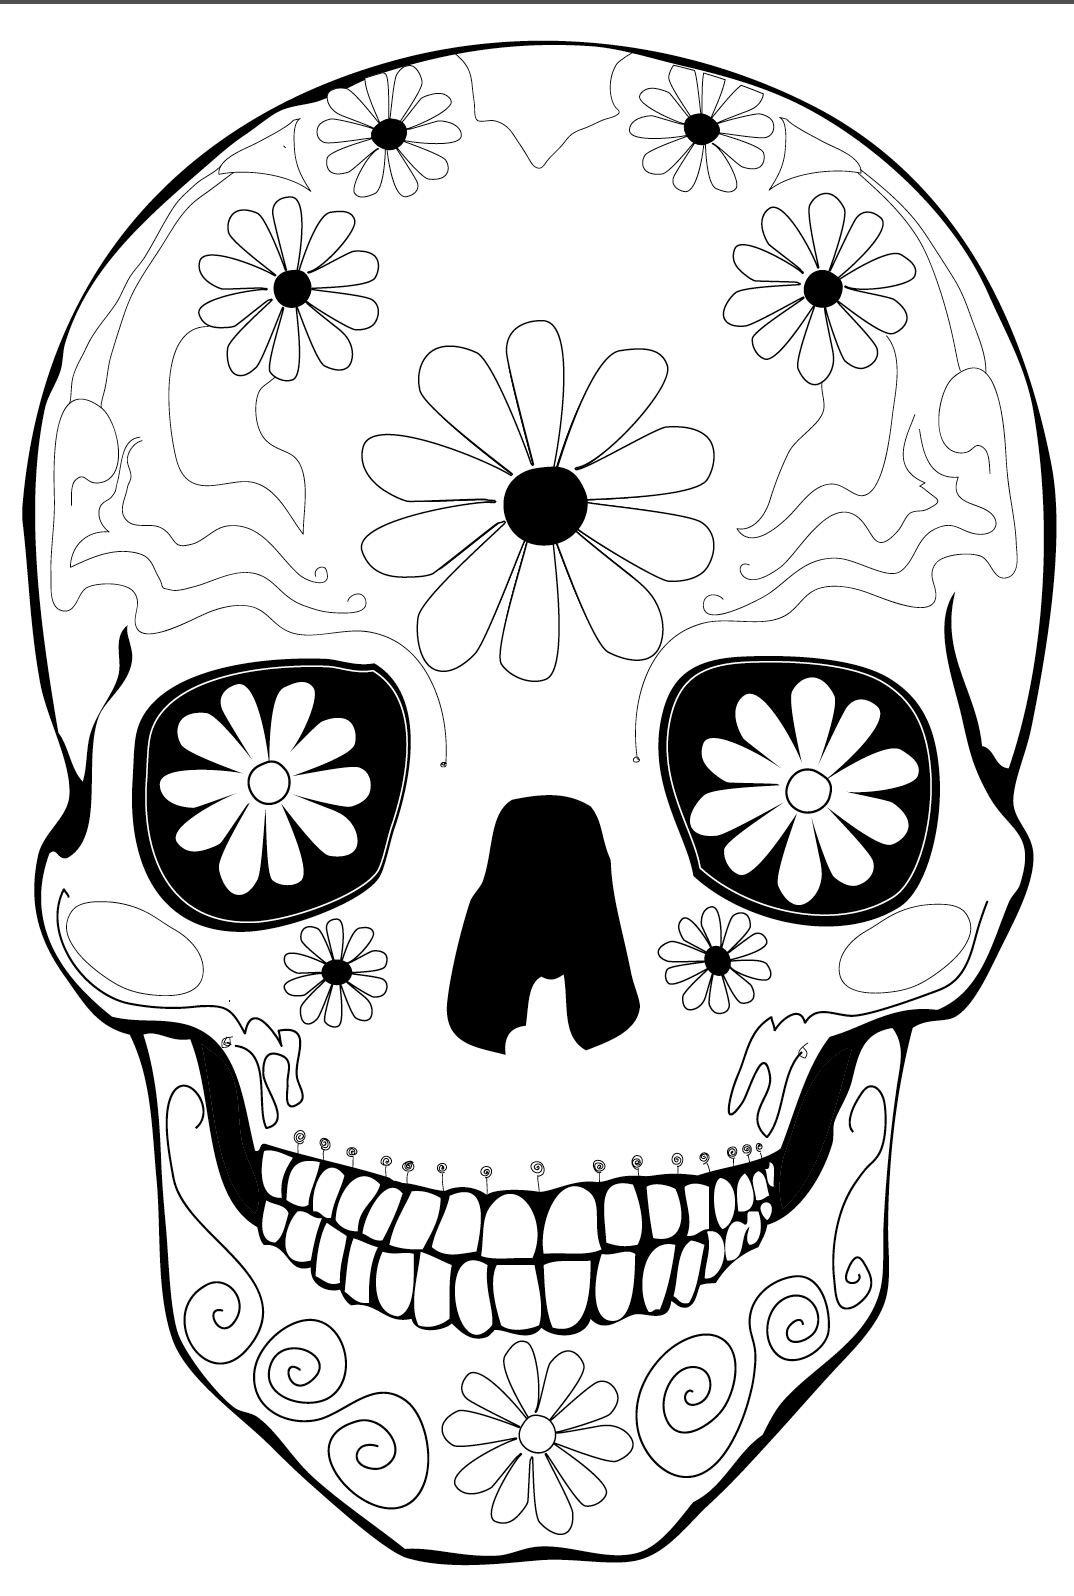 Coloring Pages, Día de los Muertos, Calaca | Dia de los Muertos ...